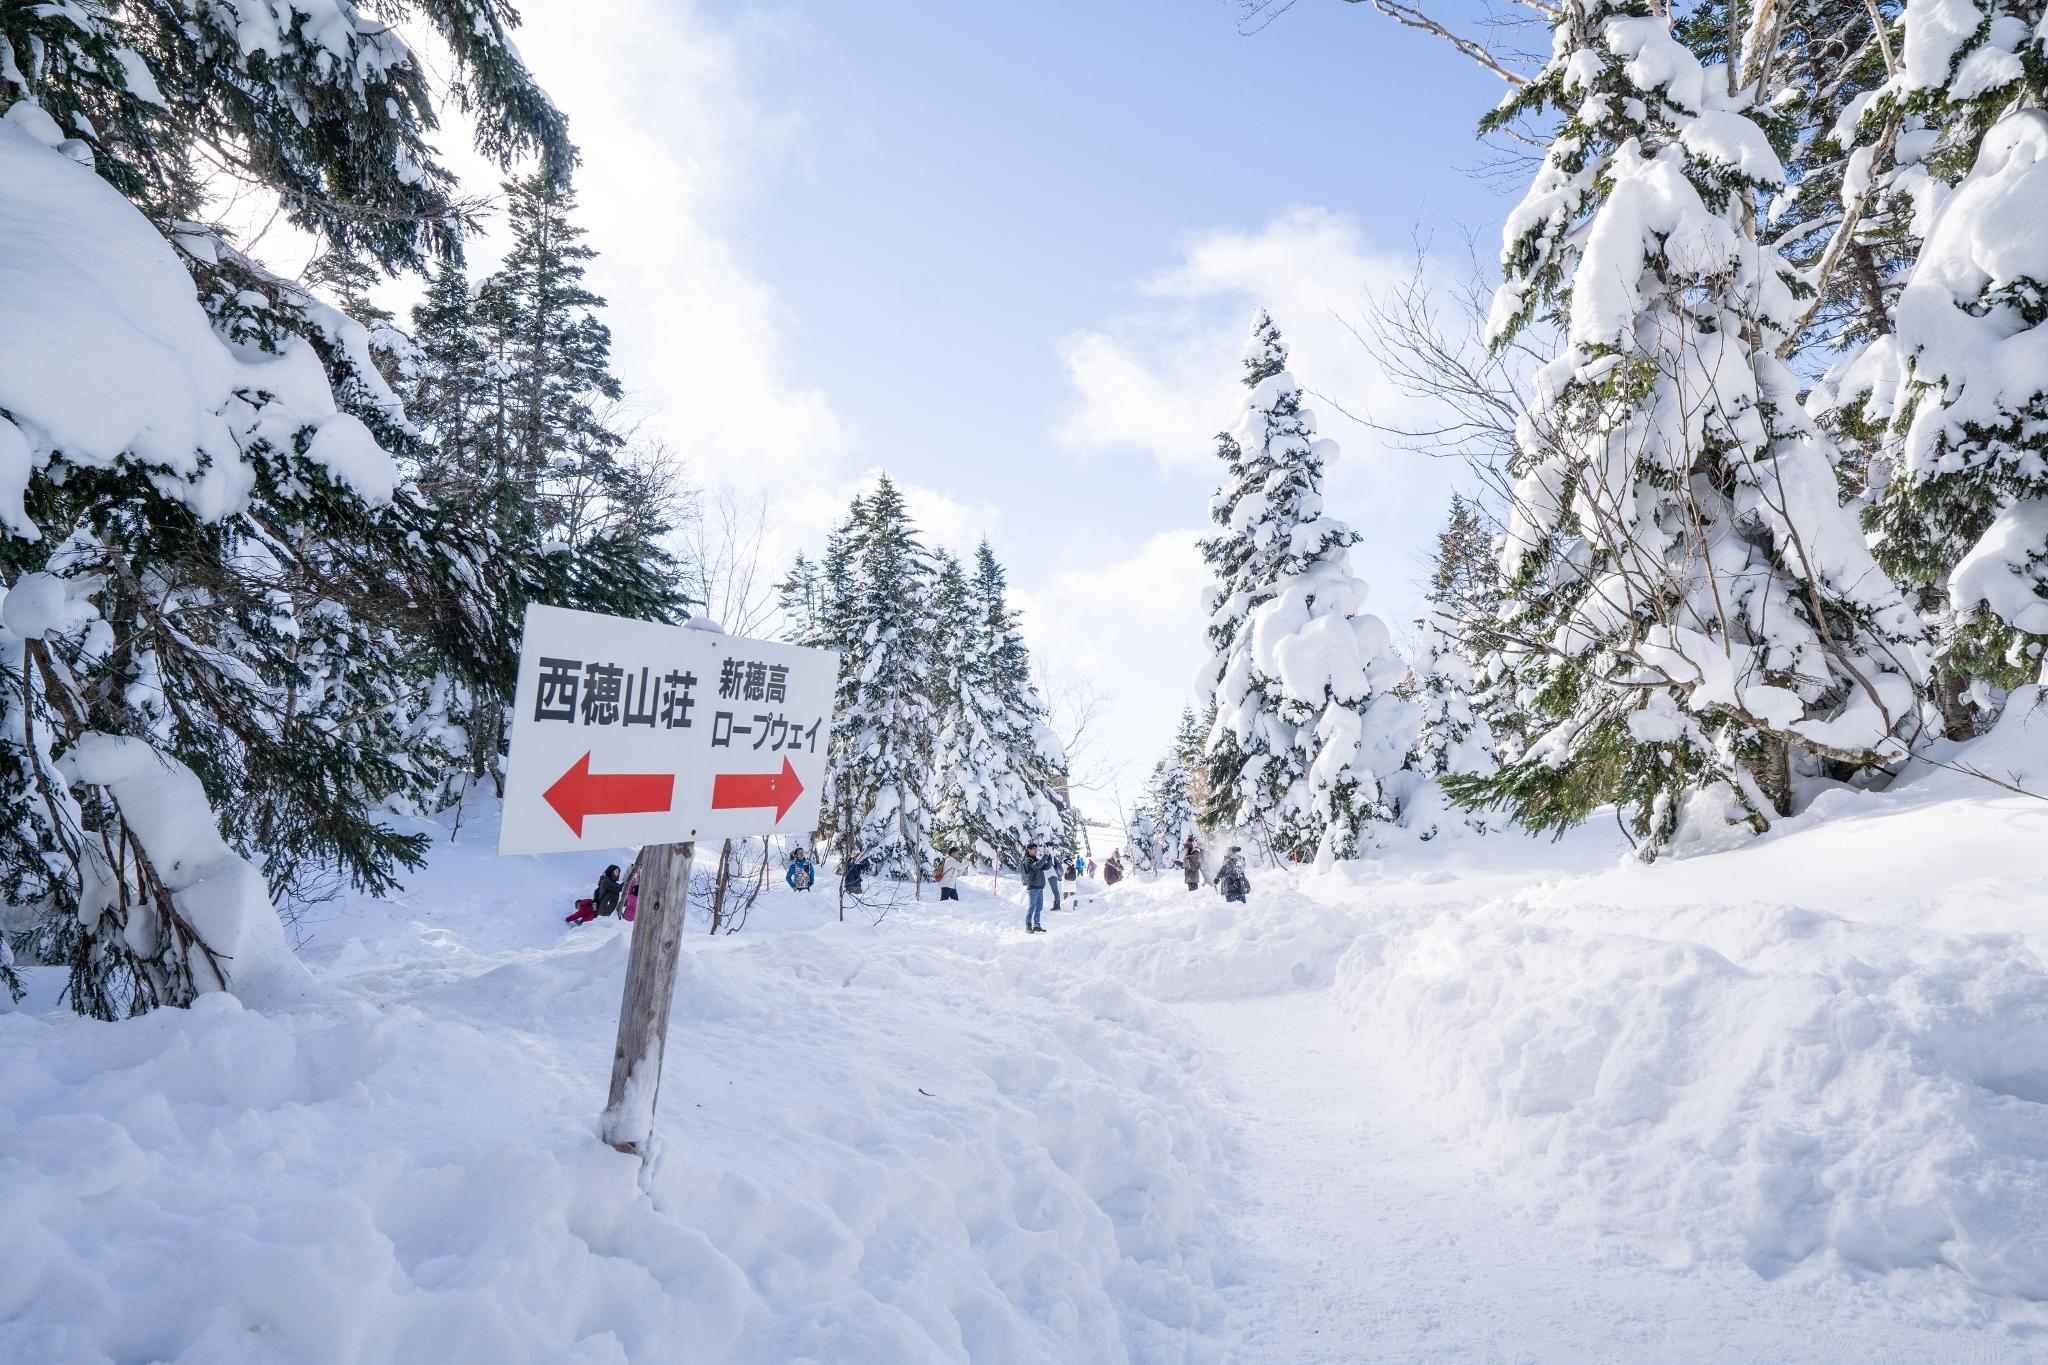 【岐阜】超級推薦!奧飛驒溫泉鄉的冬季戀歌 ~ 新穗高纜車雪景攻略 115